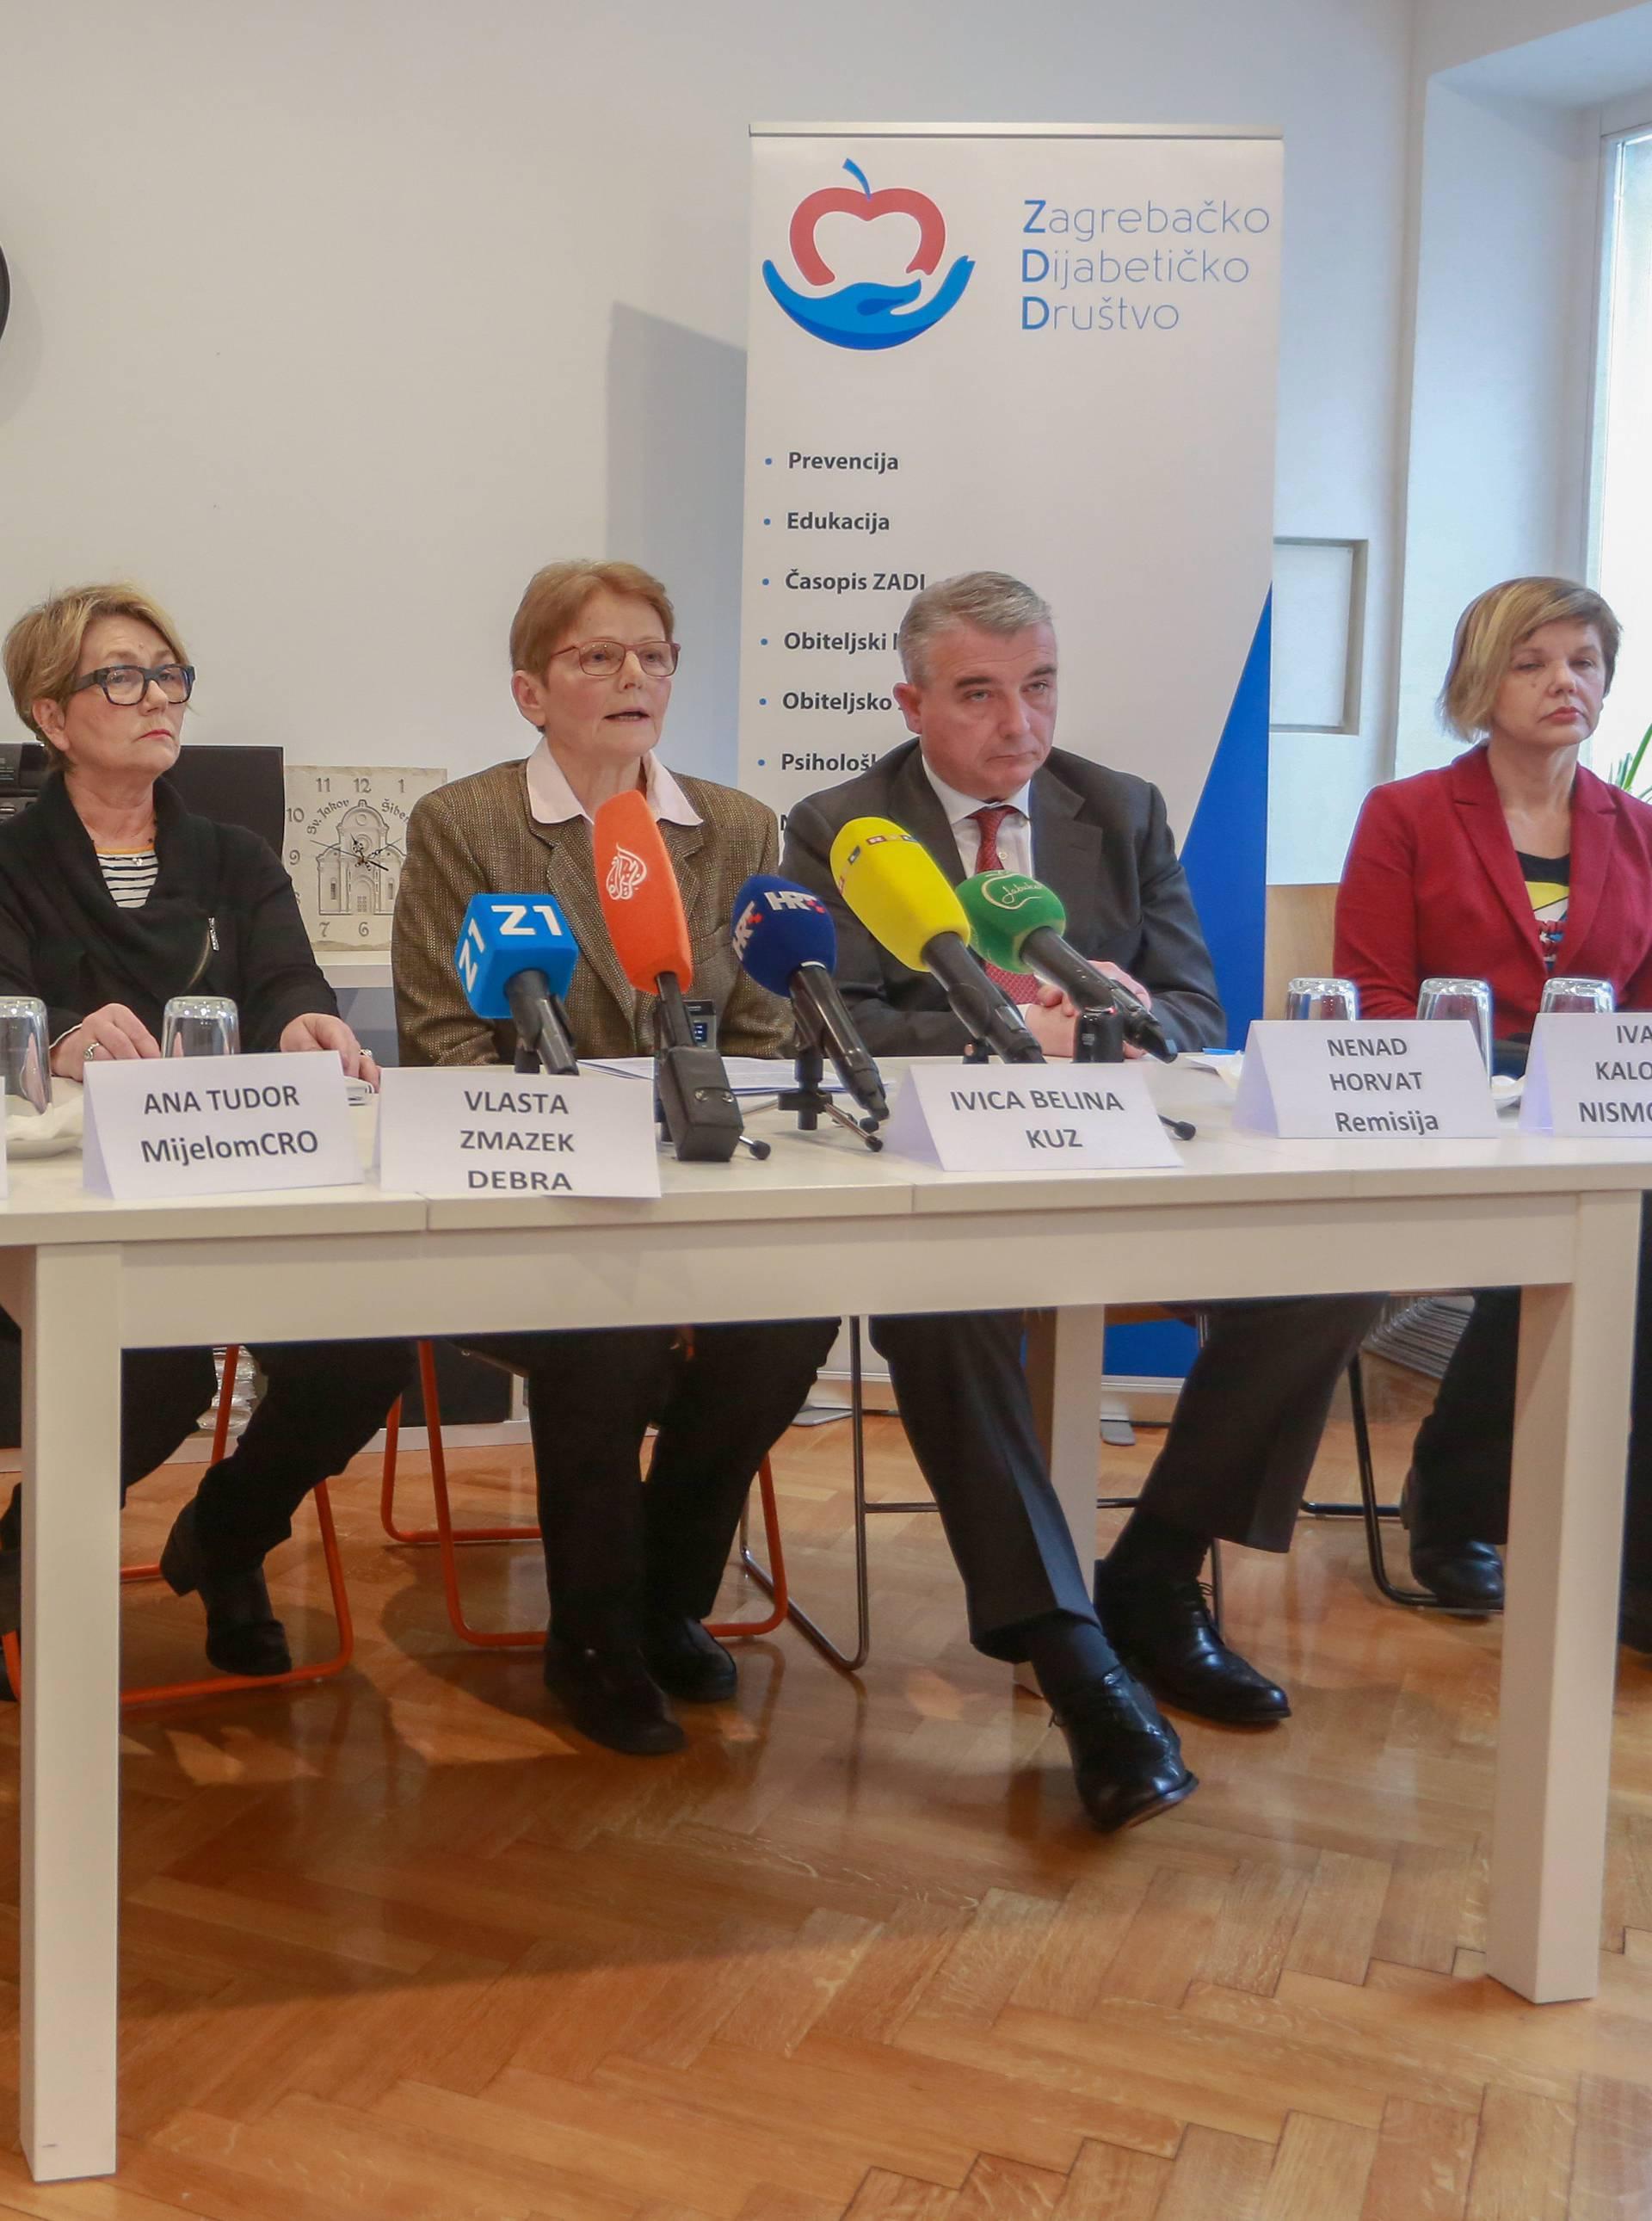 Zagreb: Udruga pacijenata održala konferenciju za medije